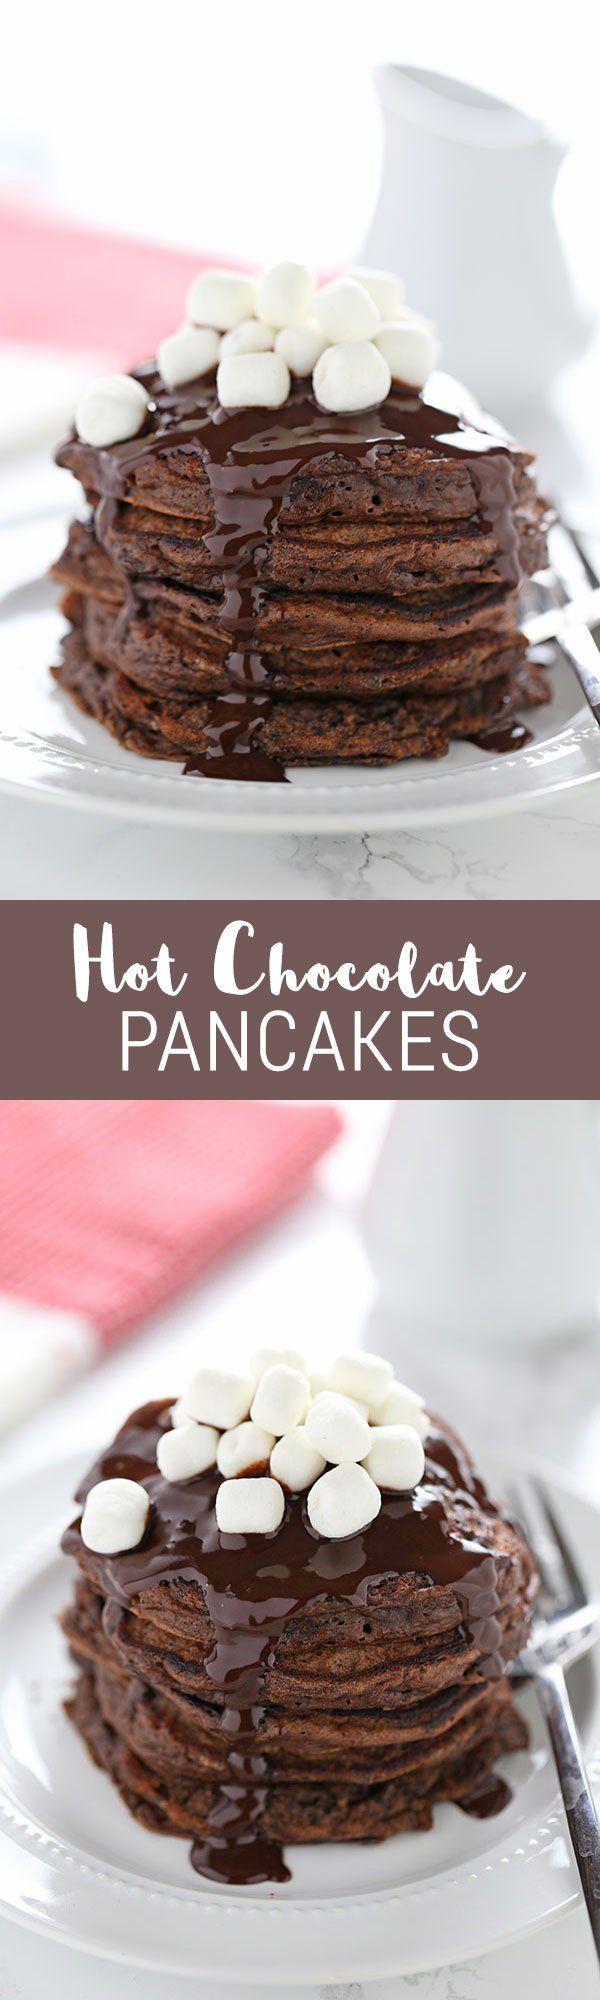 핫 초콜릿 팬케이크